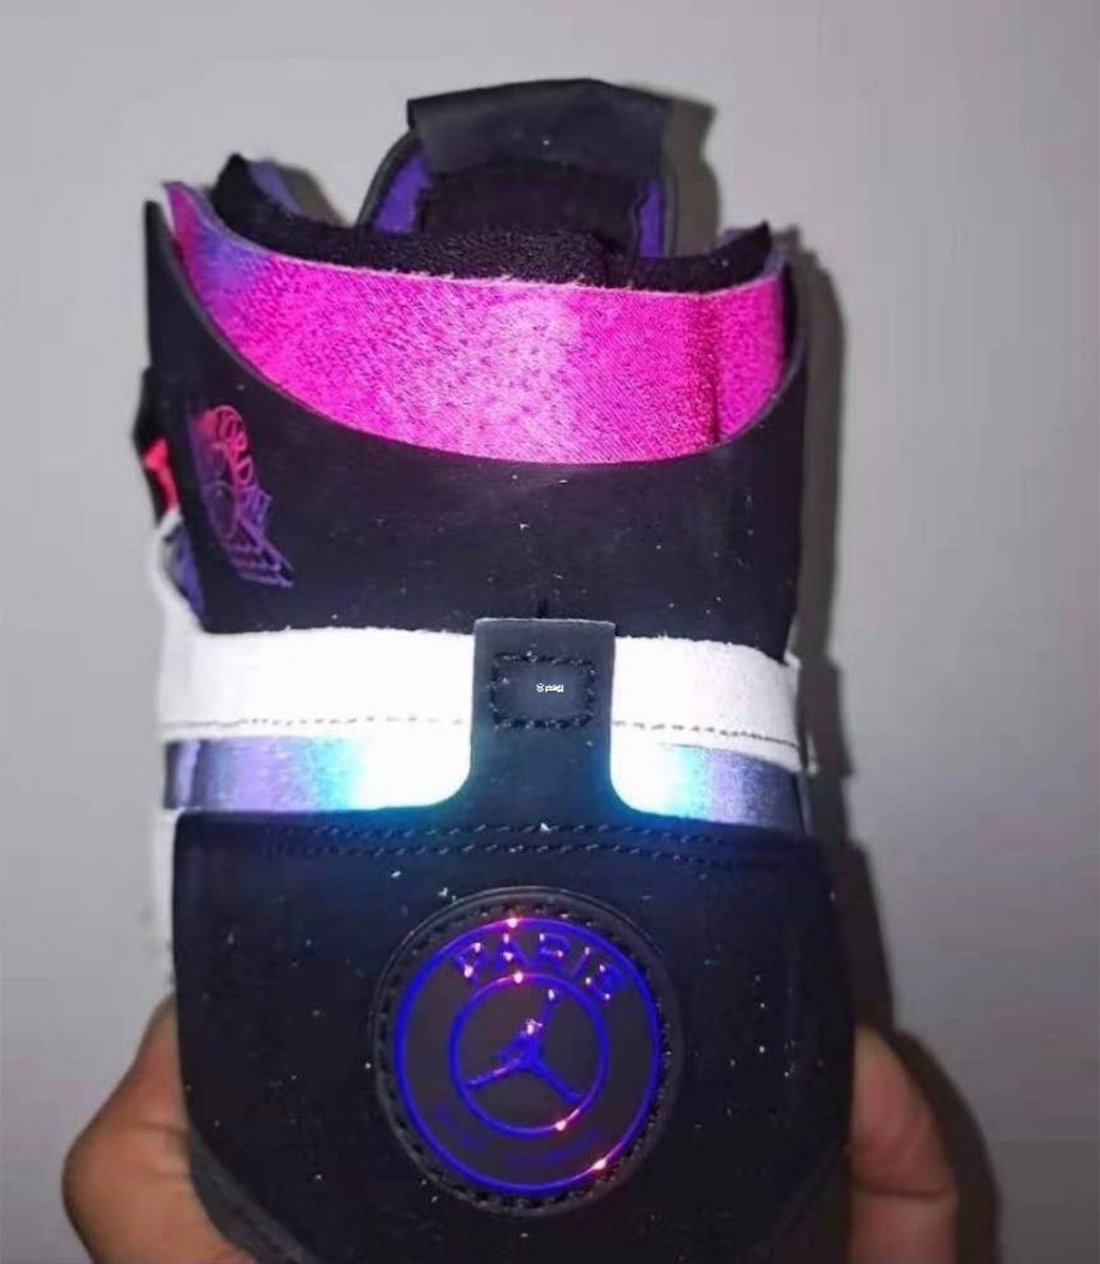 Air Jordan 1 Zoom Comfort PSG Release Date